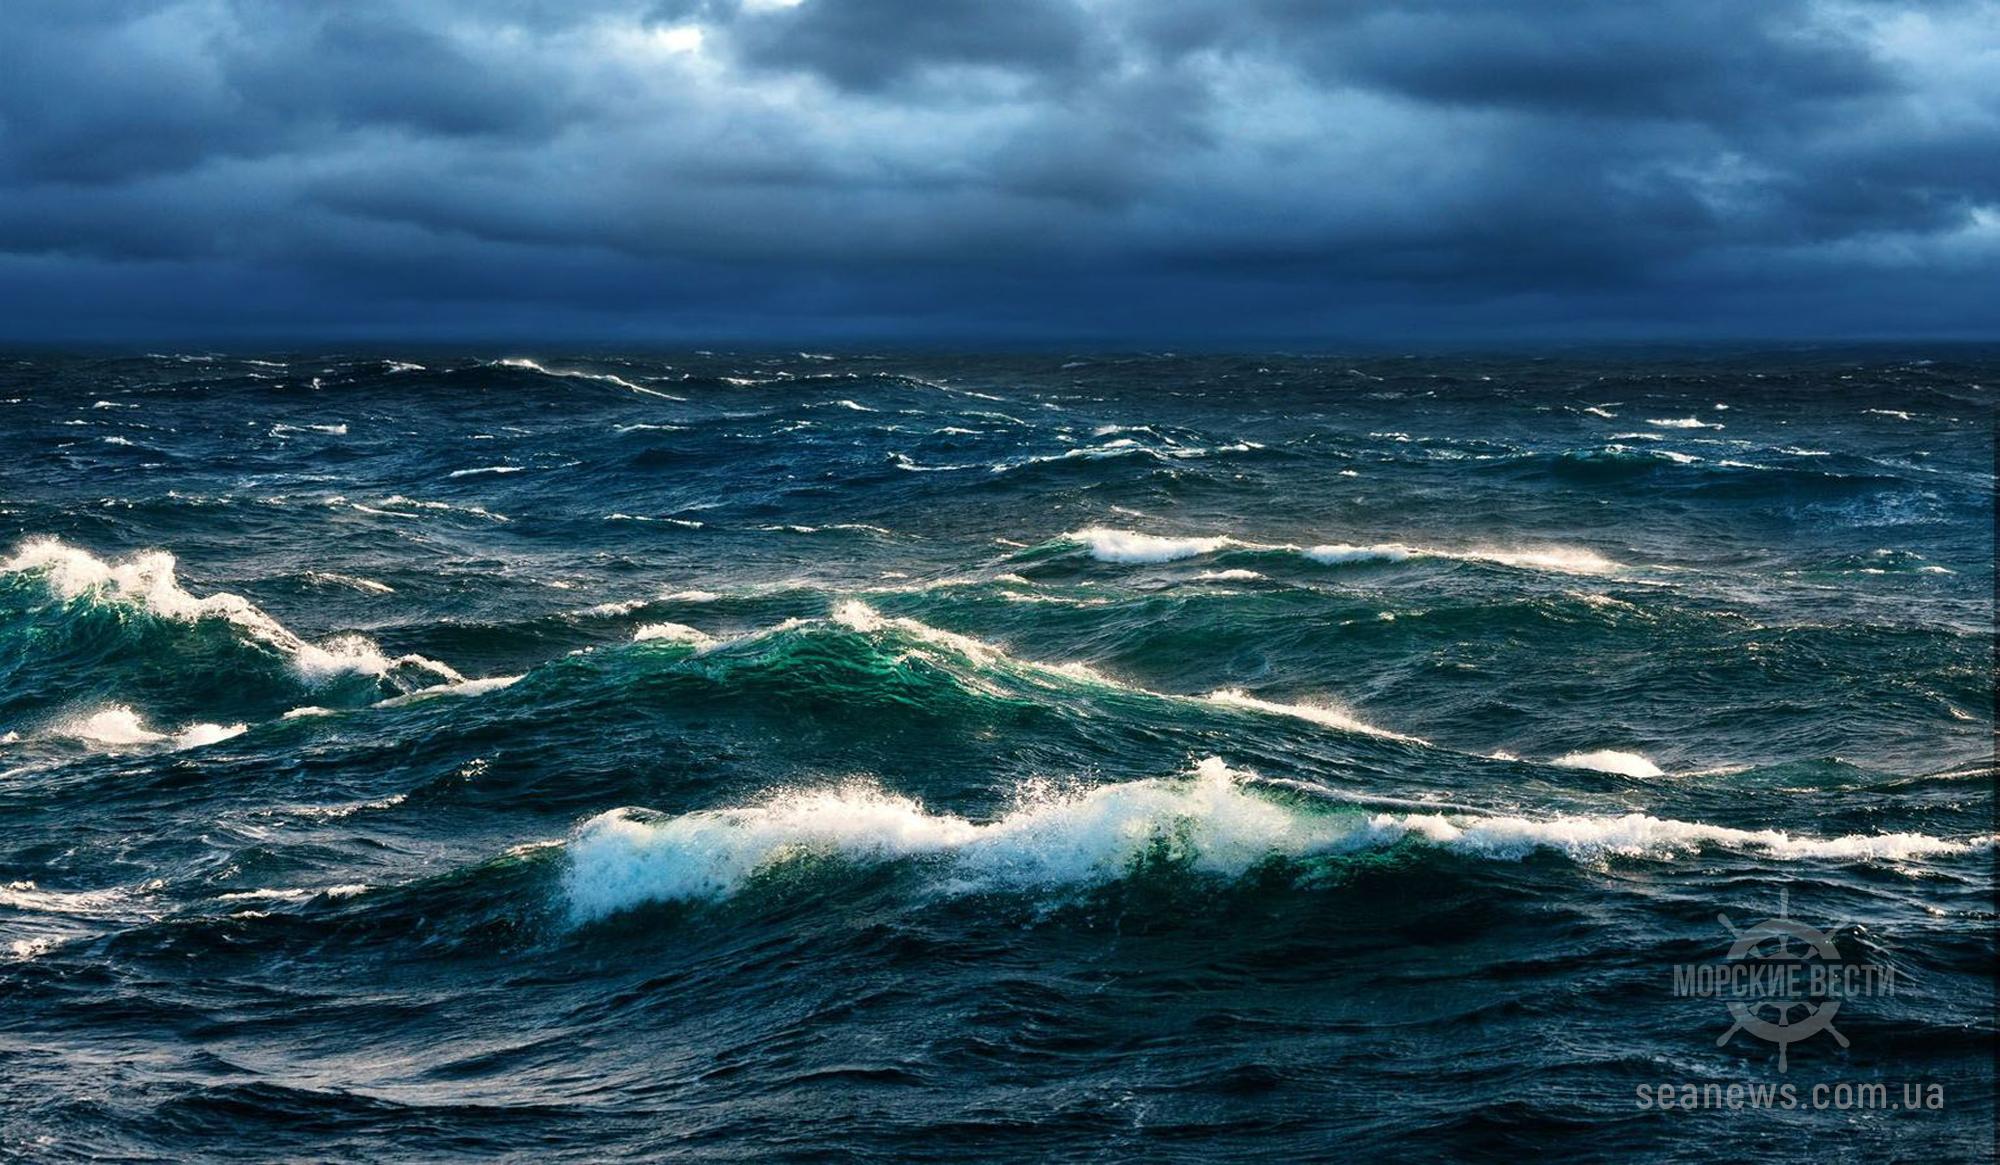 Корабли проходили мимо: после крушения четыре человека целый месяц дрейфовали в океане